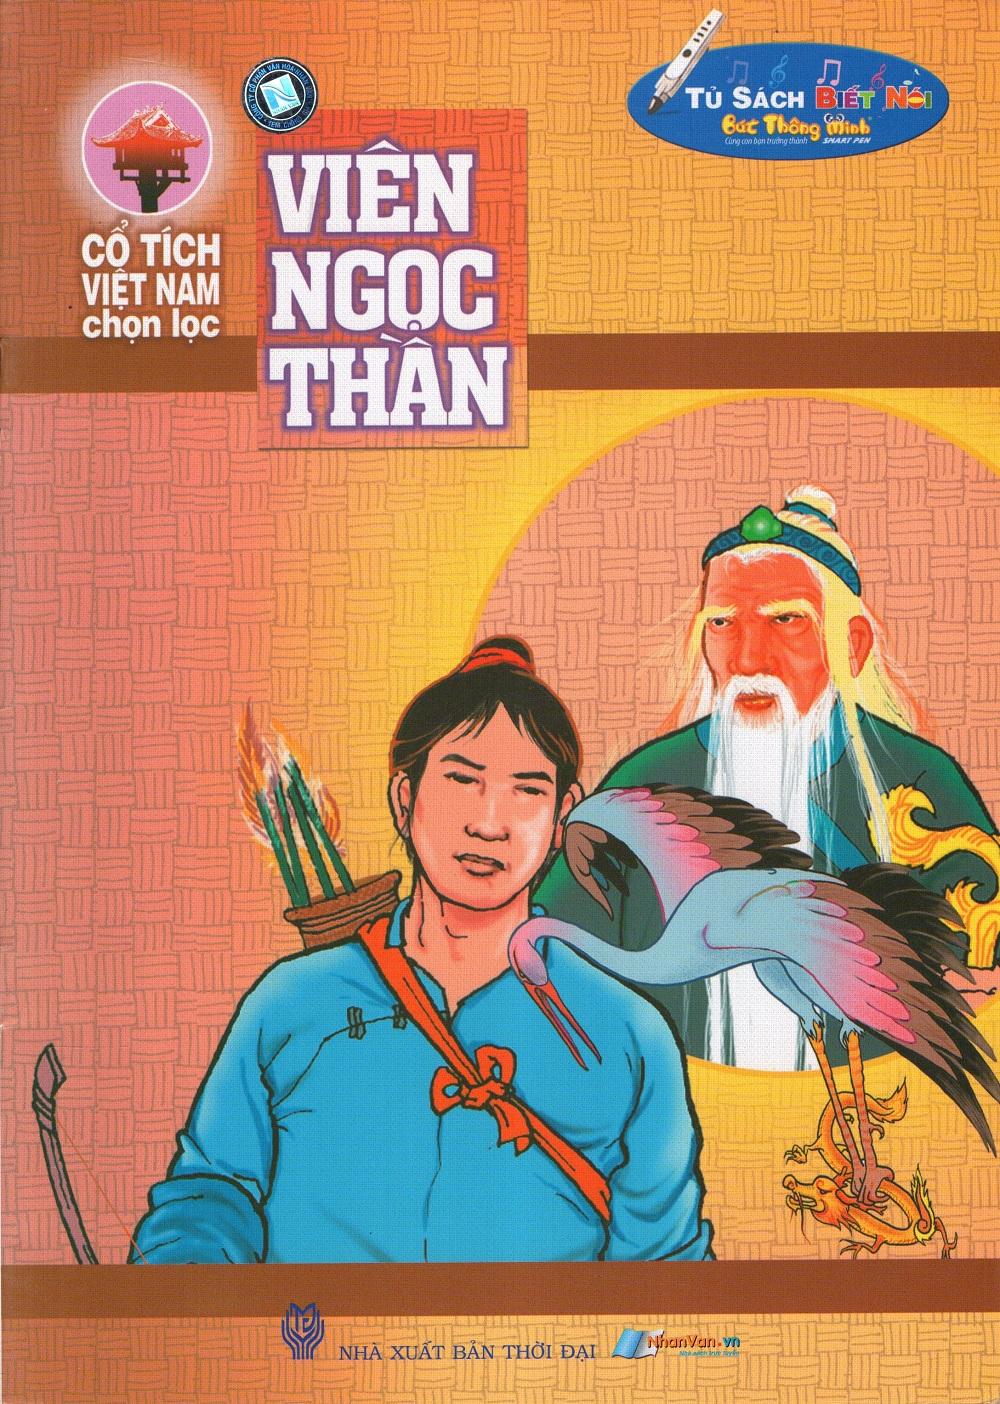 Cổ Tích Việt Nam Chọn Lọc: Viên Ngọc Thần